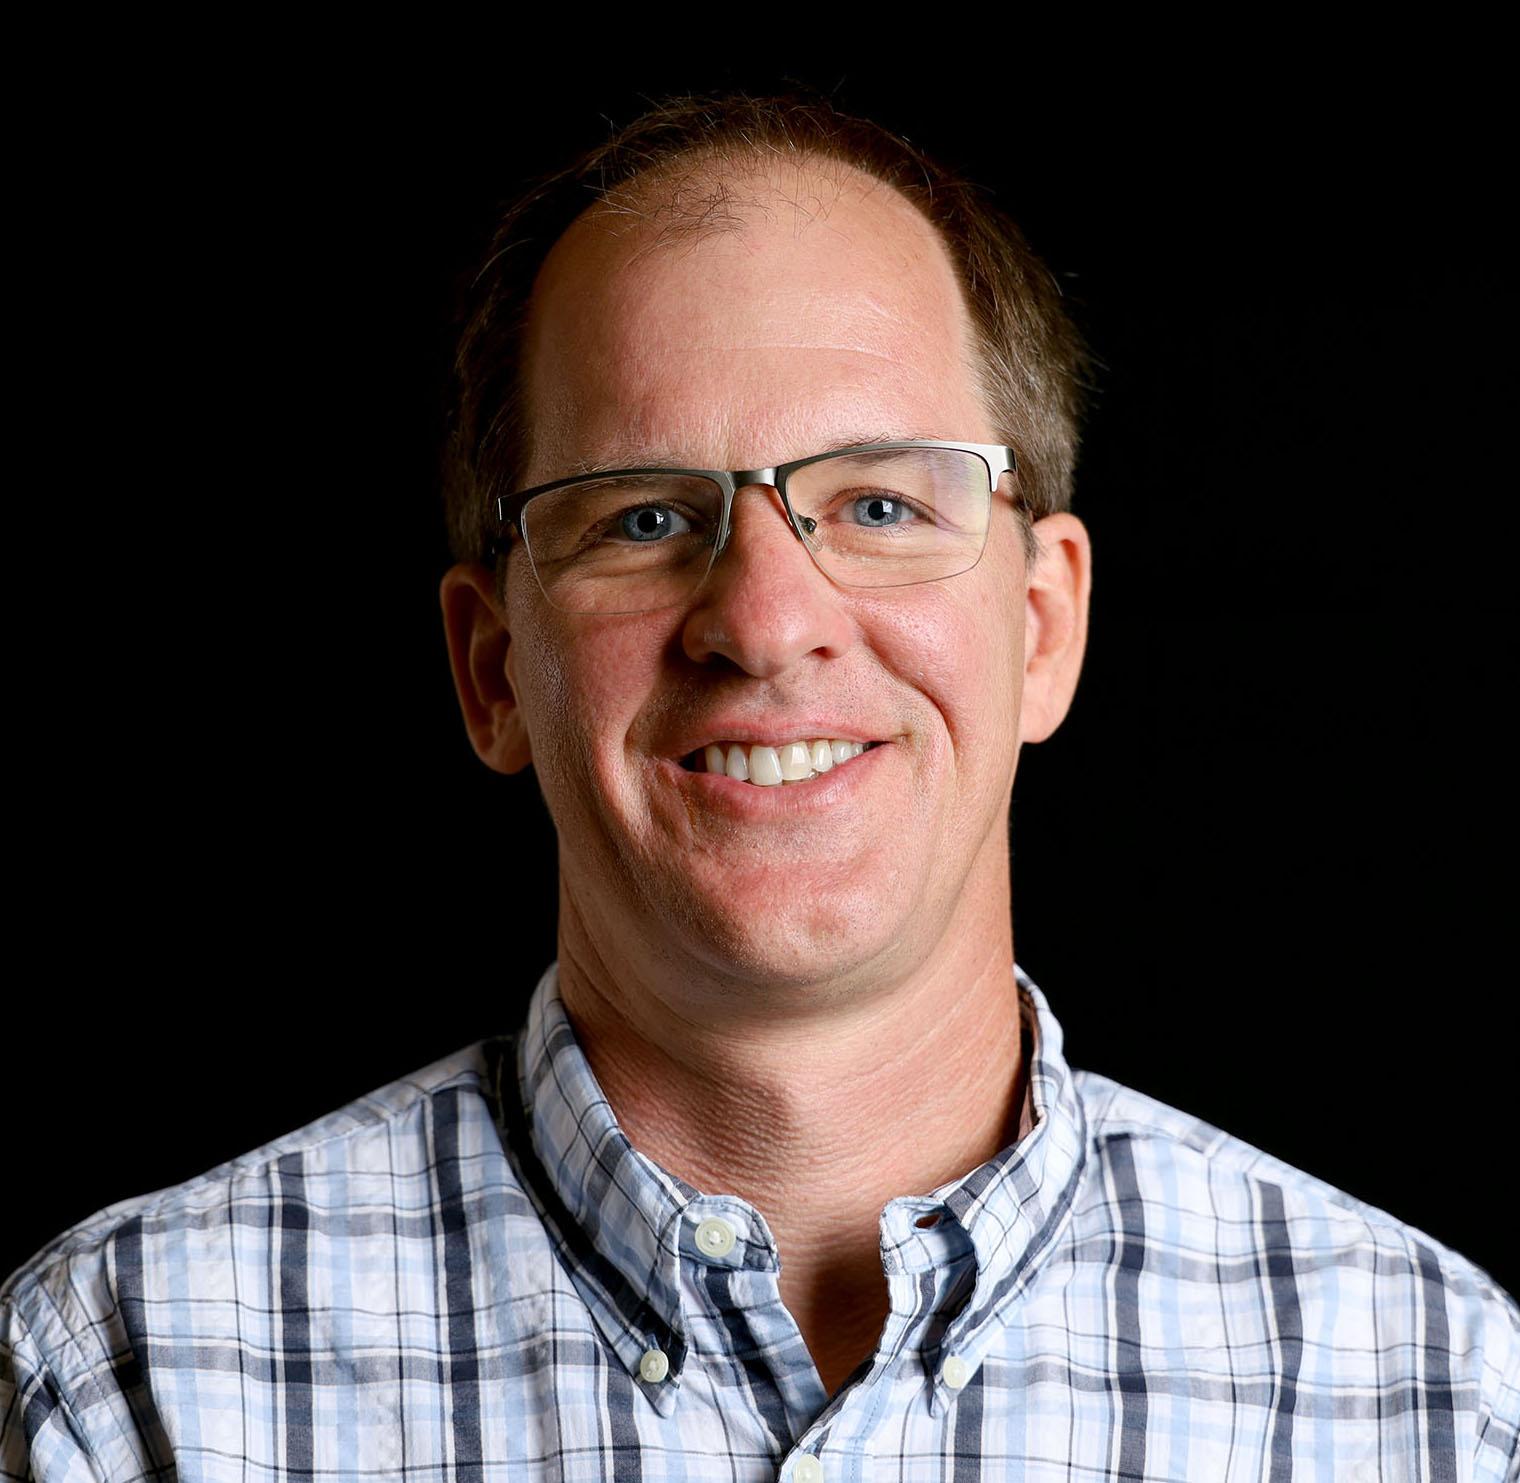 Matthew Schmidt